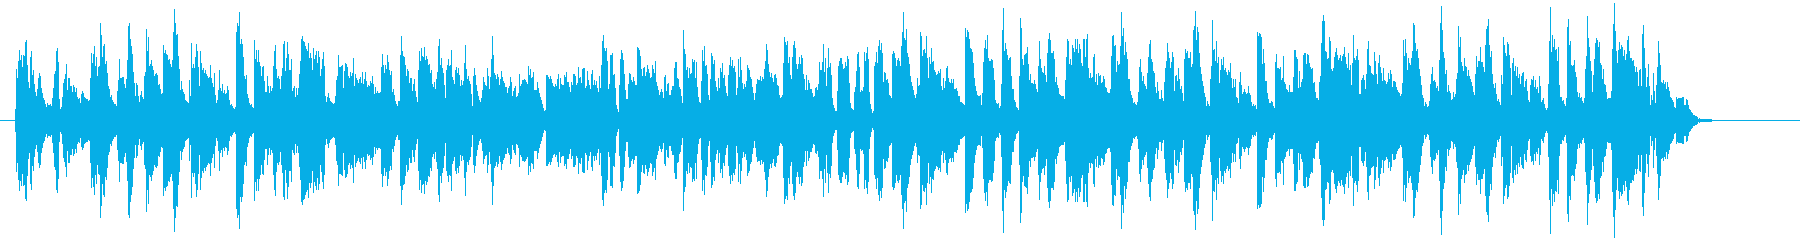 ブロッコリーをテーマにした楽曲の再生済みの波形